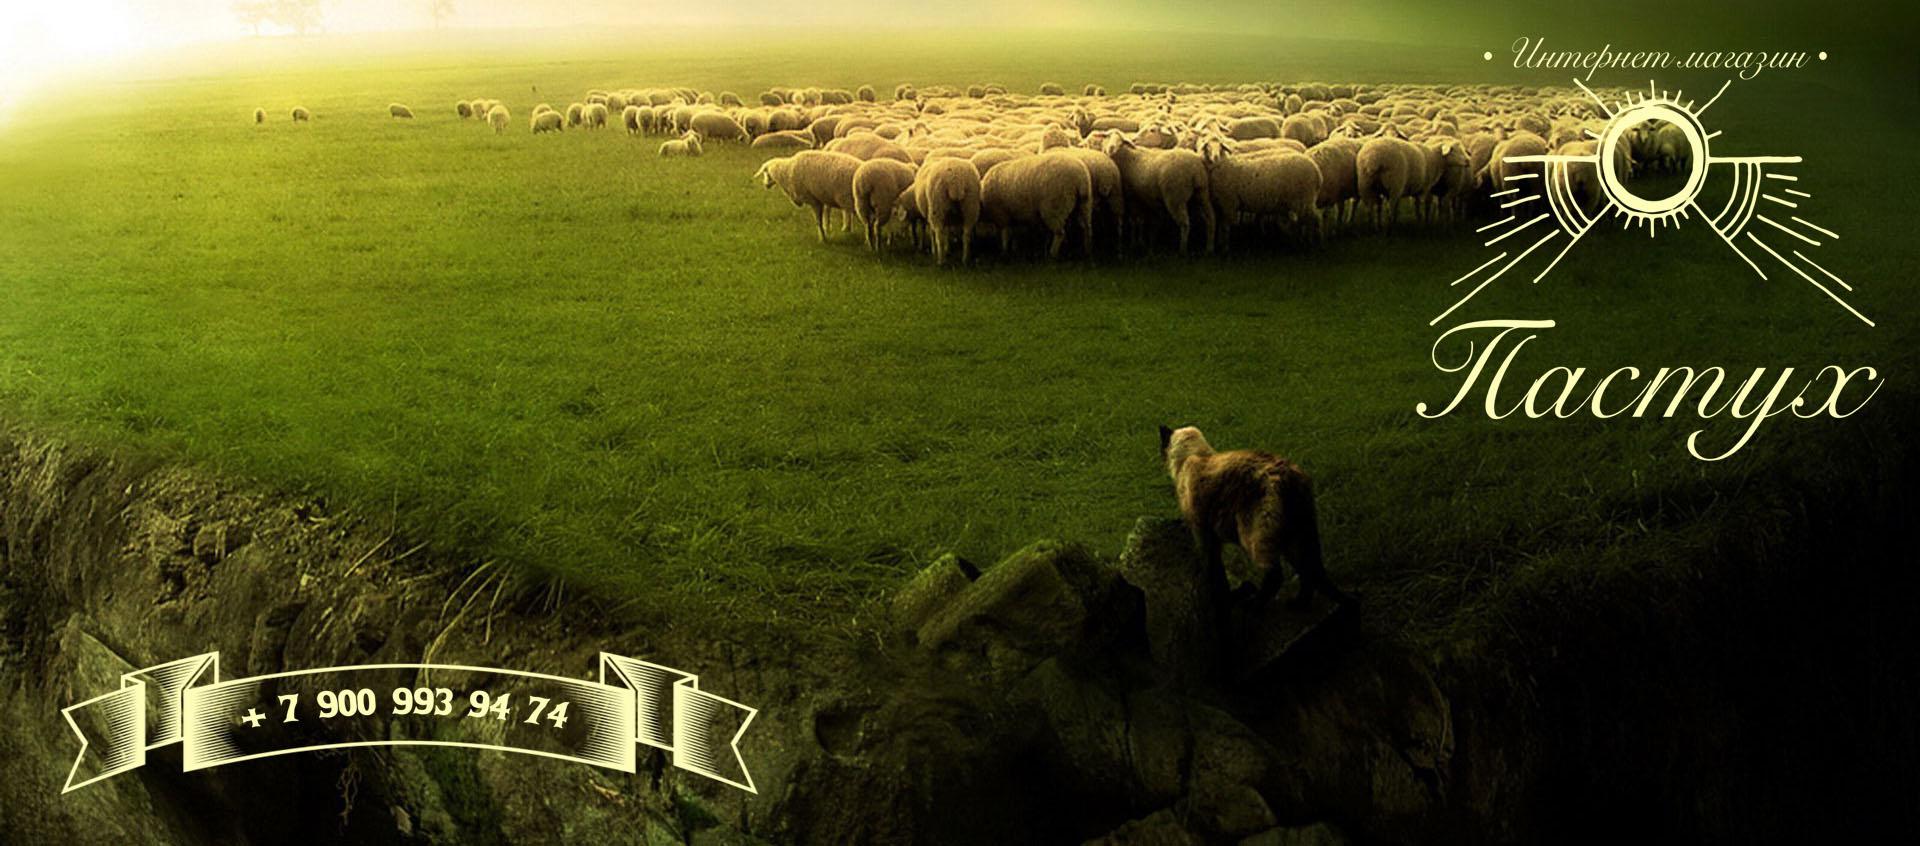 www.psk-pastux.ru